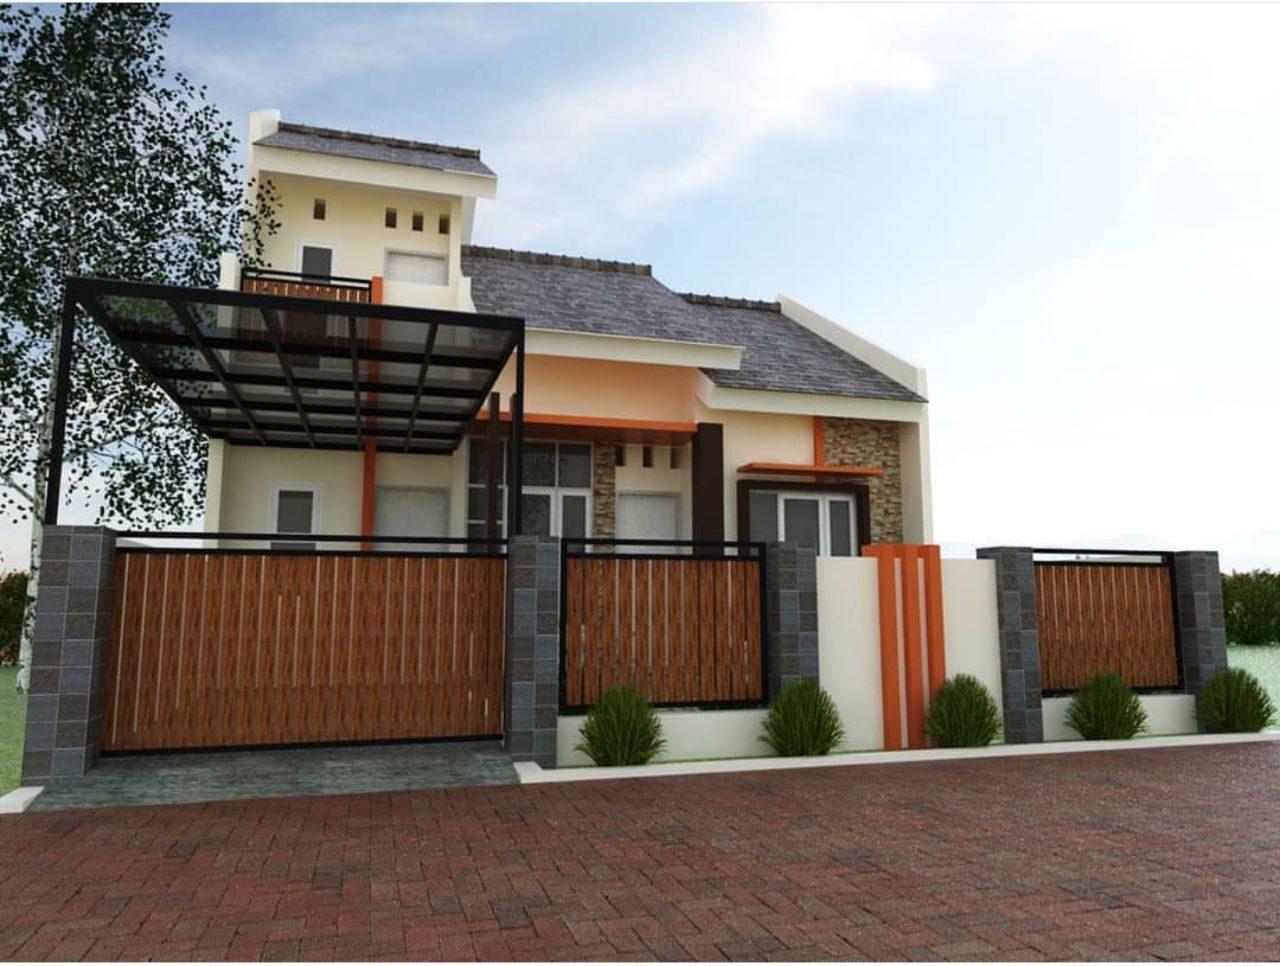 Desain Renovasi Rumah 2 Lantai Balikpapan